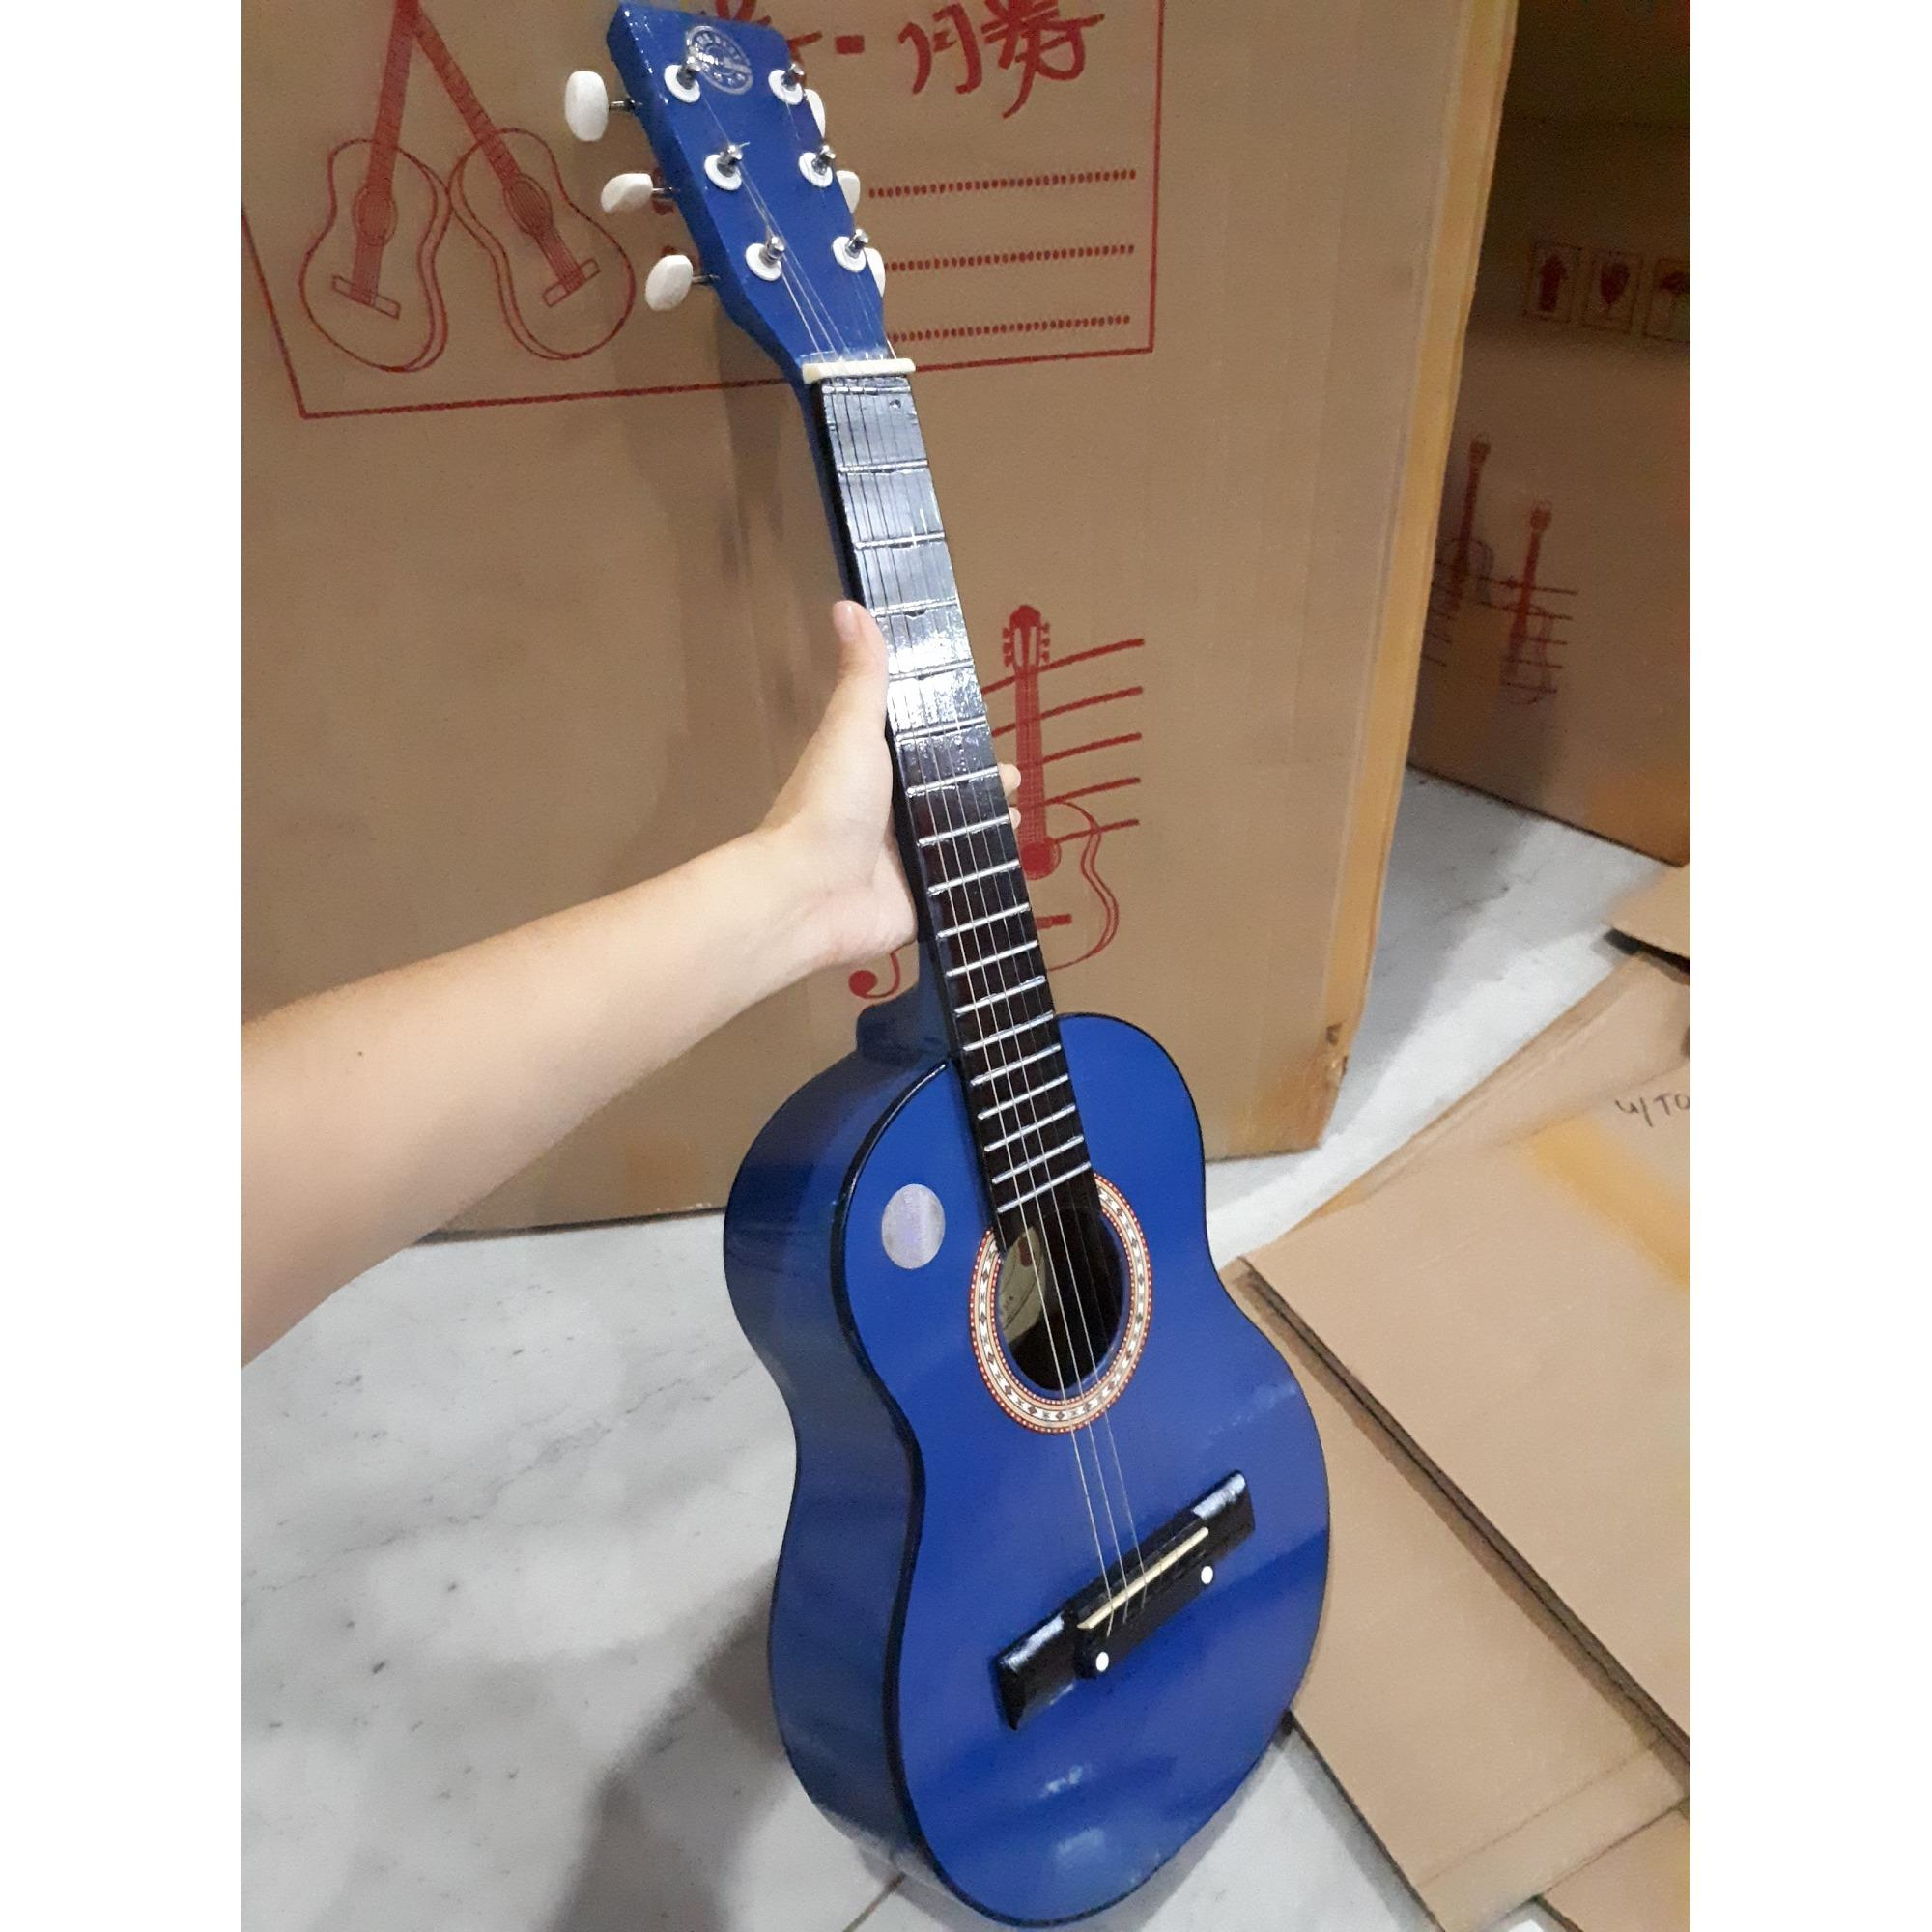 Harga Fox Gitar Kecil Senar6 Real Picture Gitar Mini Gitarlele Gitar Kecil Gitarlele Gitar Ukulele Fullset Murah